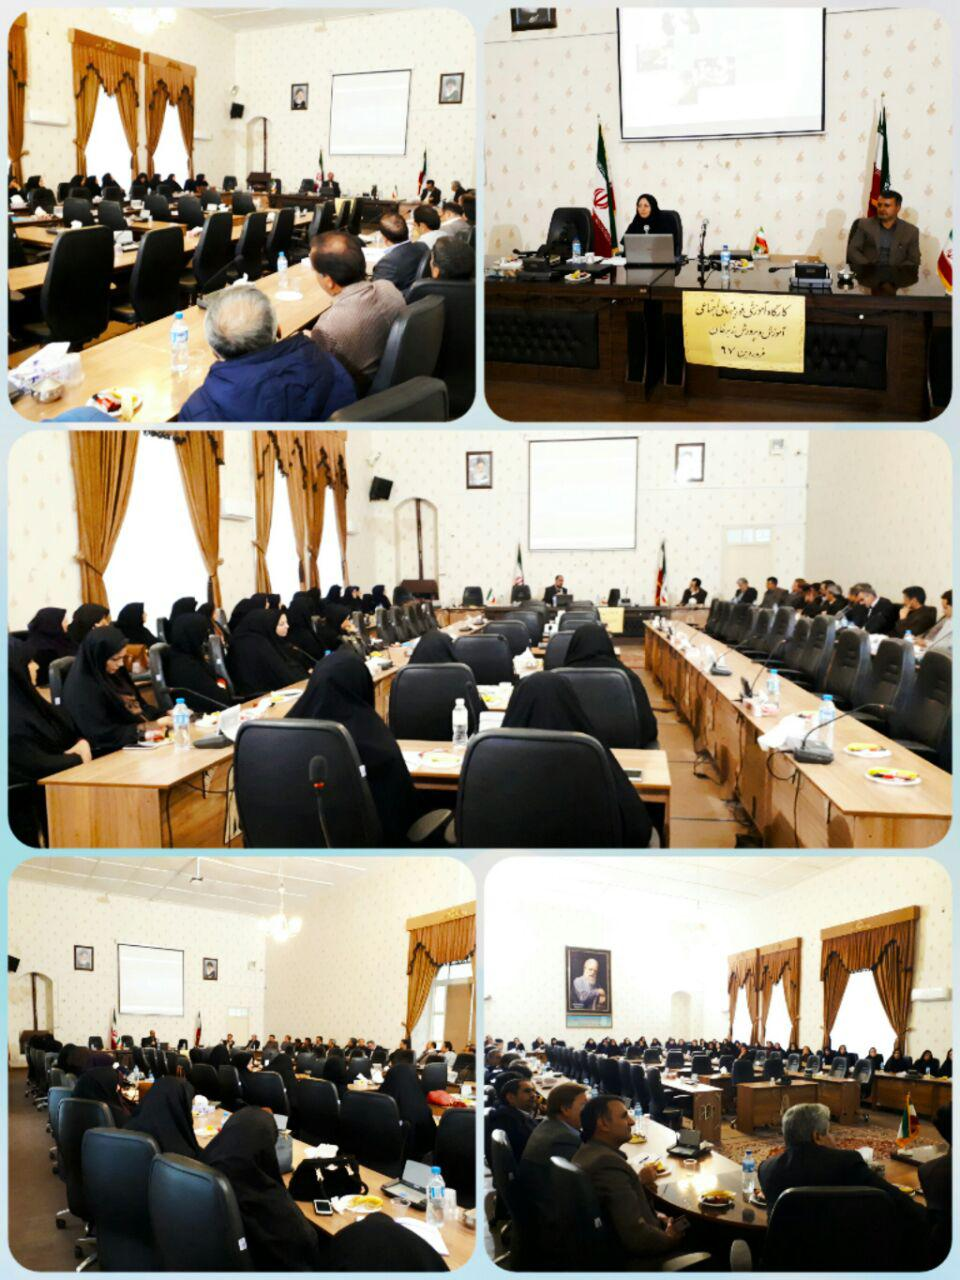 برگزاری جلسه ی سواد رسانه و فوریتهای اجتماعی